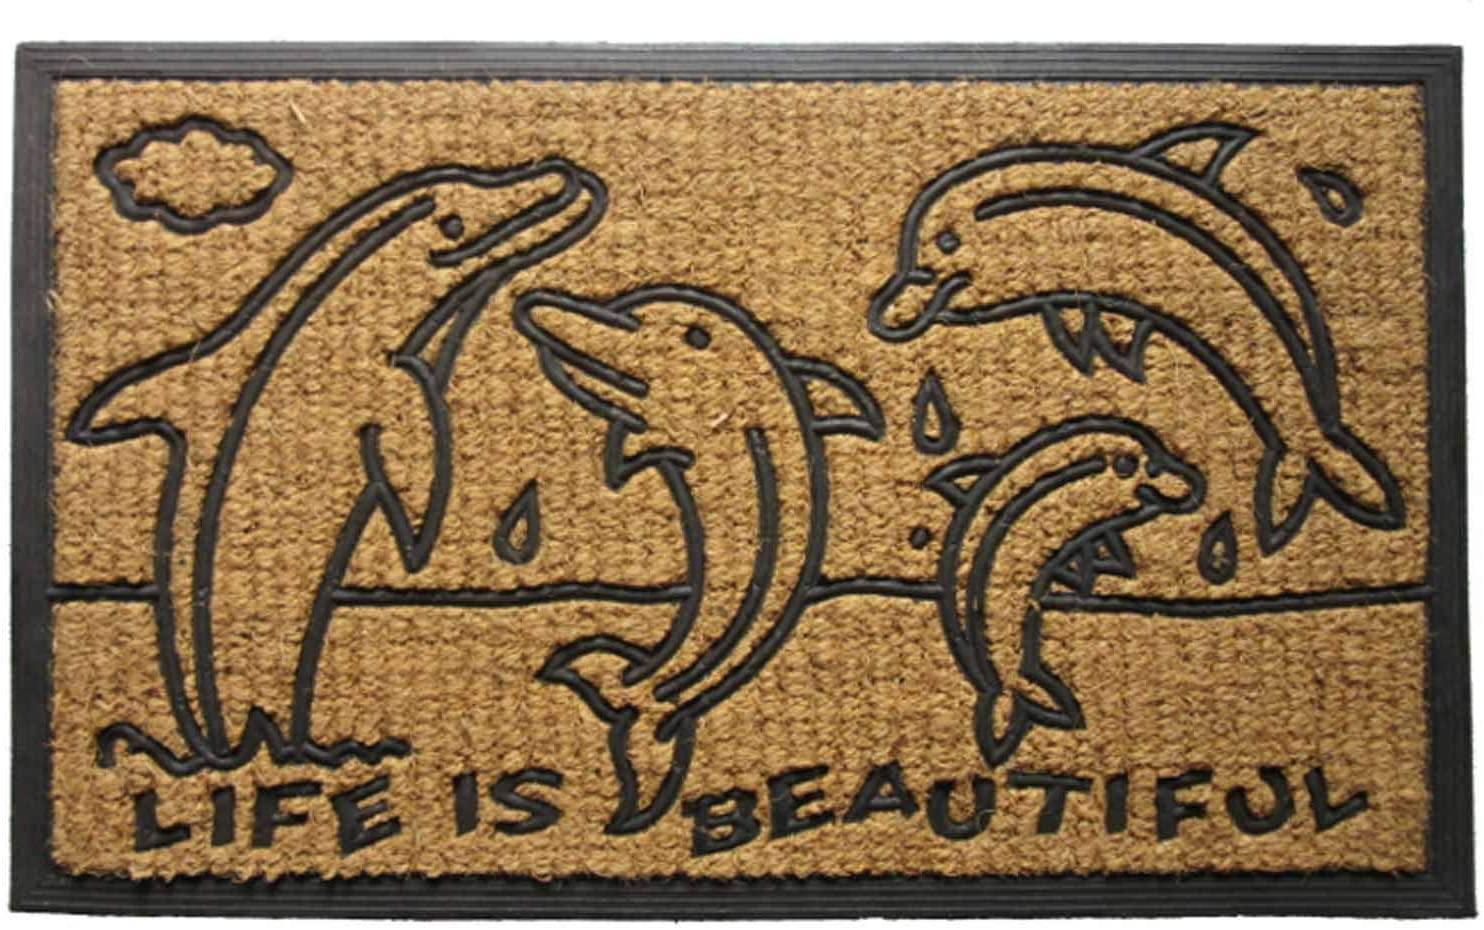 DOORMATS - POD of Dolphins Rubber Backed Coir Doormat - 18